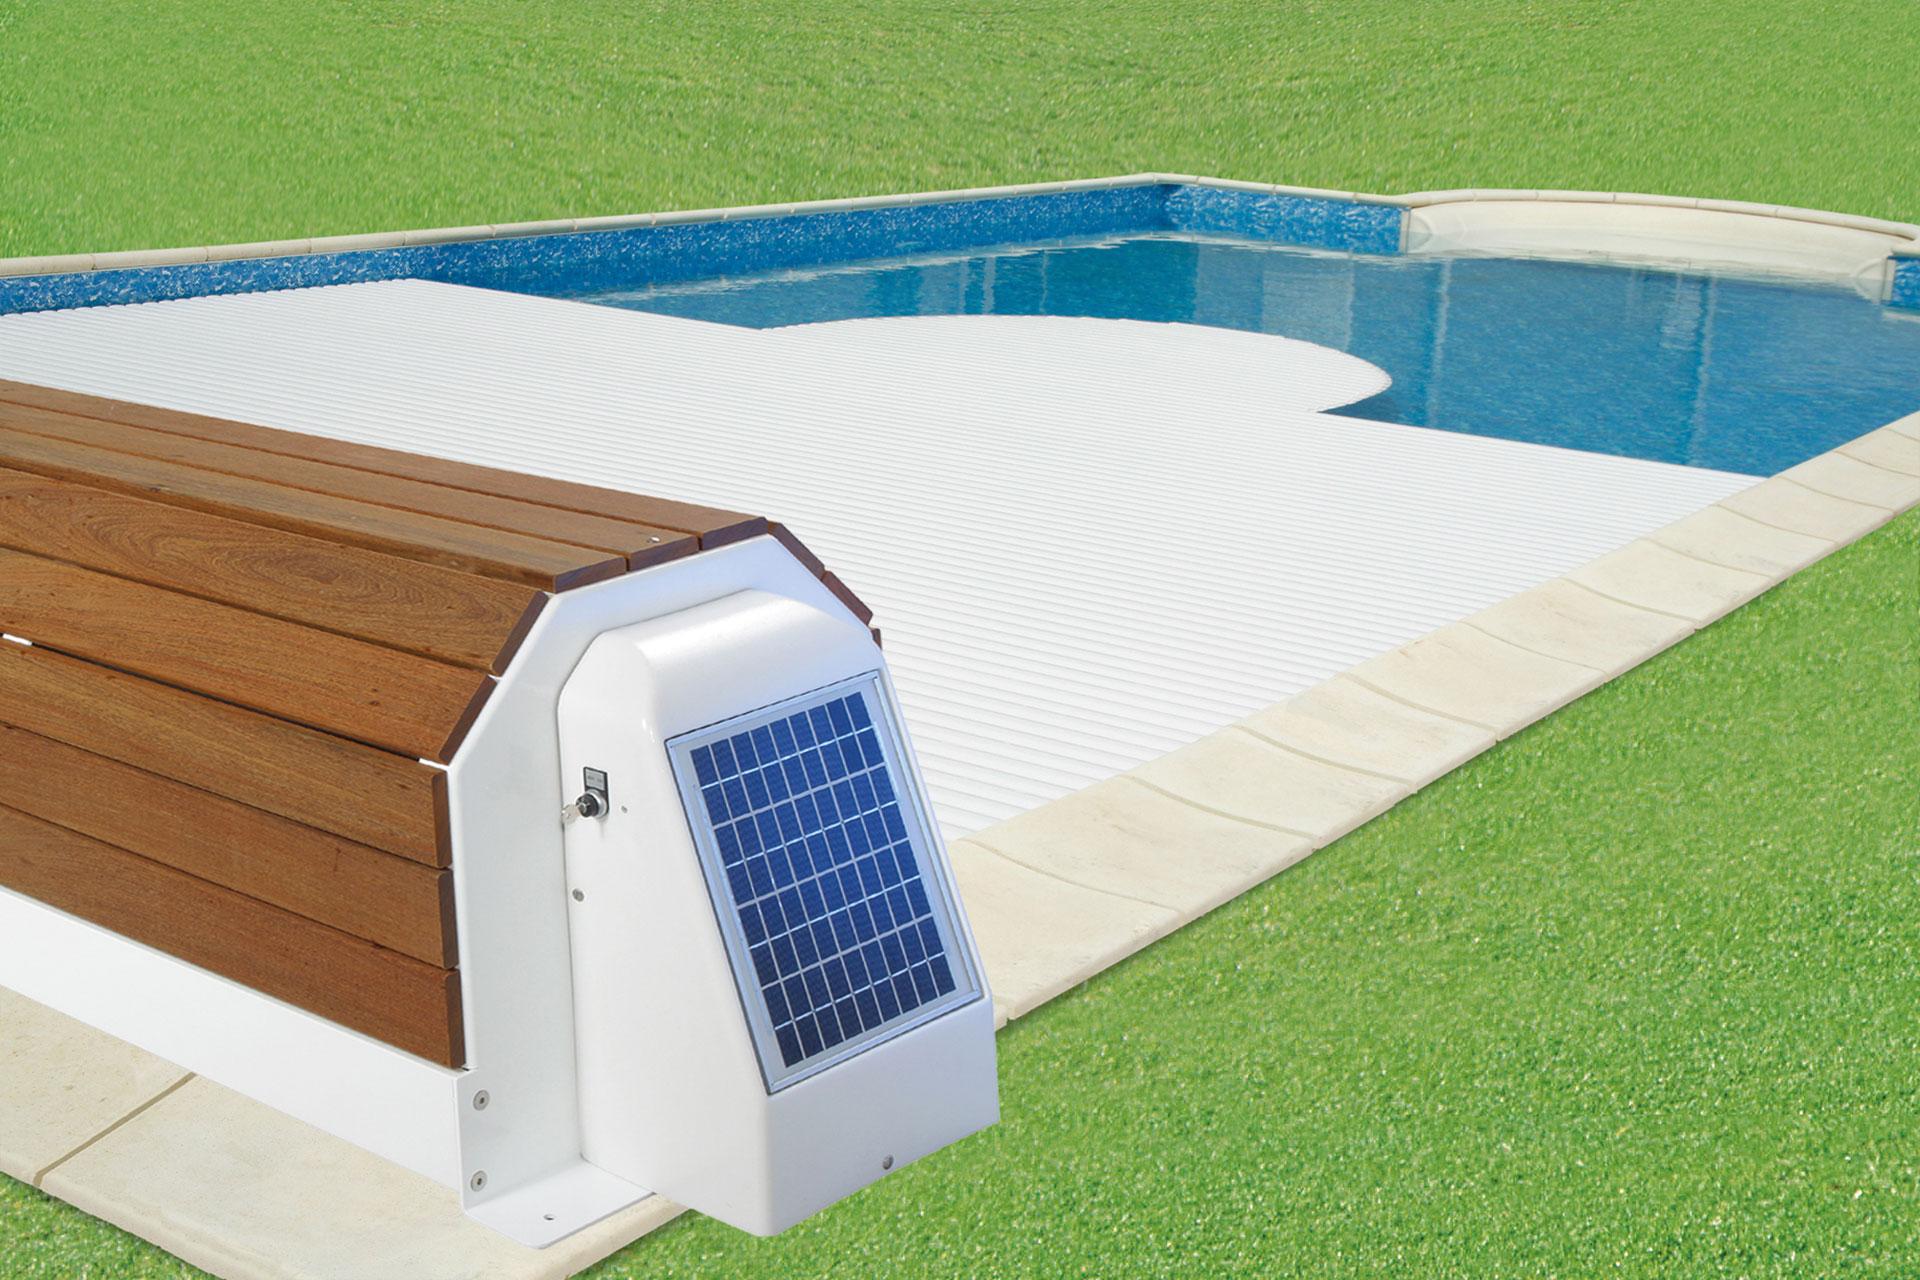 Comment Faire Une Piscine Soi Meme comment installer un volet de piscine soi-même - aquapolis